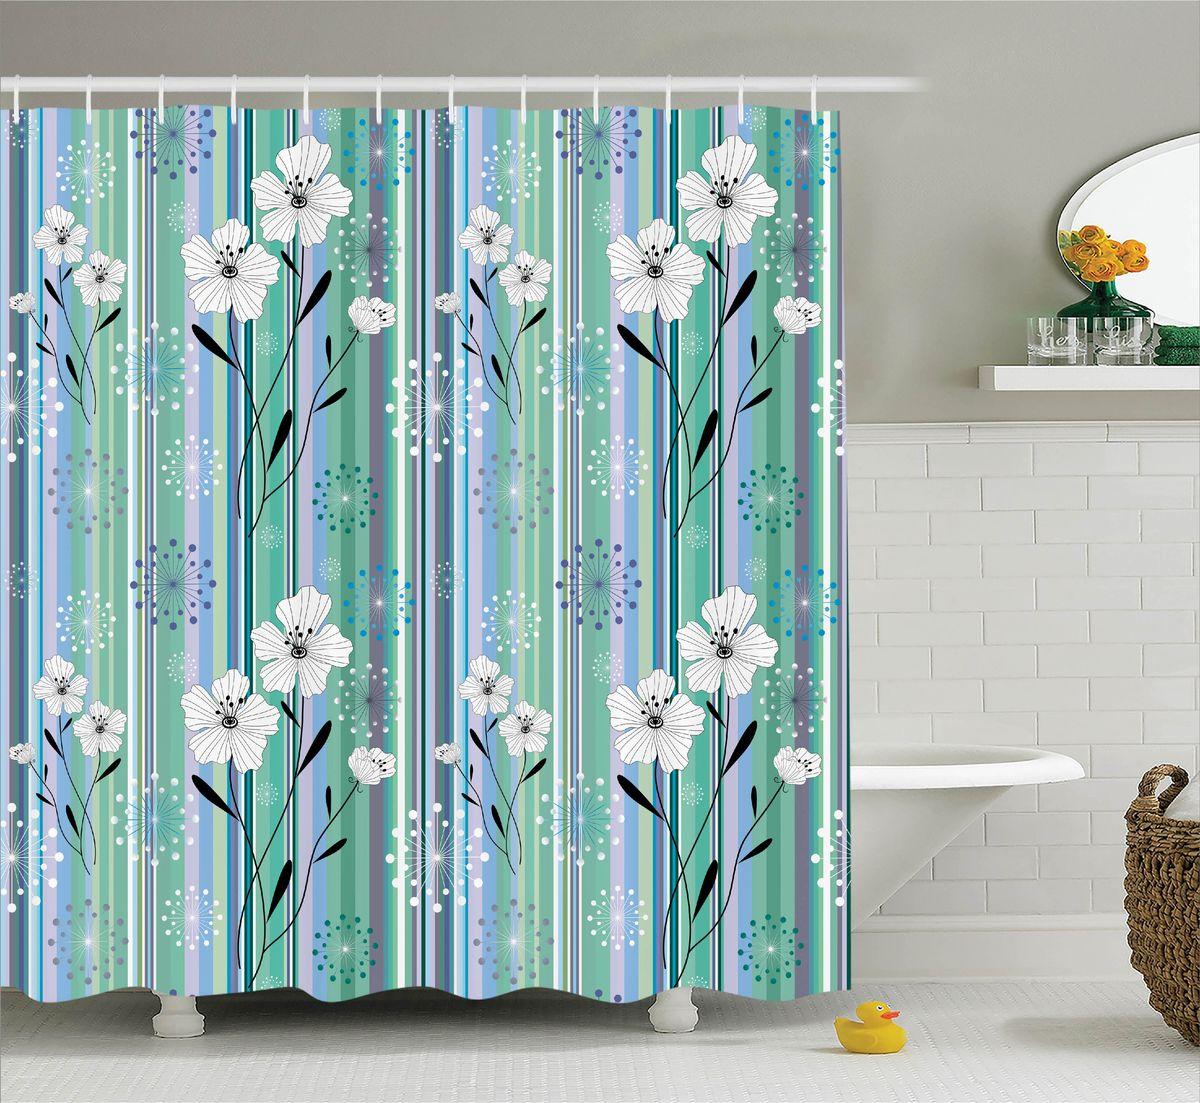 Штора для ванной комнаты Magic Lady Цветы и полоски, 180 х 200 смшв_11388Штора Magic Lady Цветы и полоски, изготовленная из высококачественного сатена (полиэстер 100%), отлично дополнит любой интерьер ванной комнаты. При изготовлении используются специальные гипоаллергенные чернила для прямой печати по ткани, безопасные для человека.В комплекте: 1 штора, 12 крючков. Обращаем ваше внимание, фактический цвет изделия может незначительно отличаться от представленного на фото.